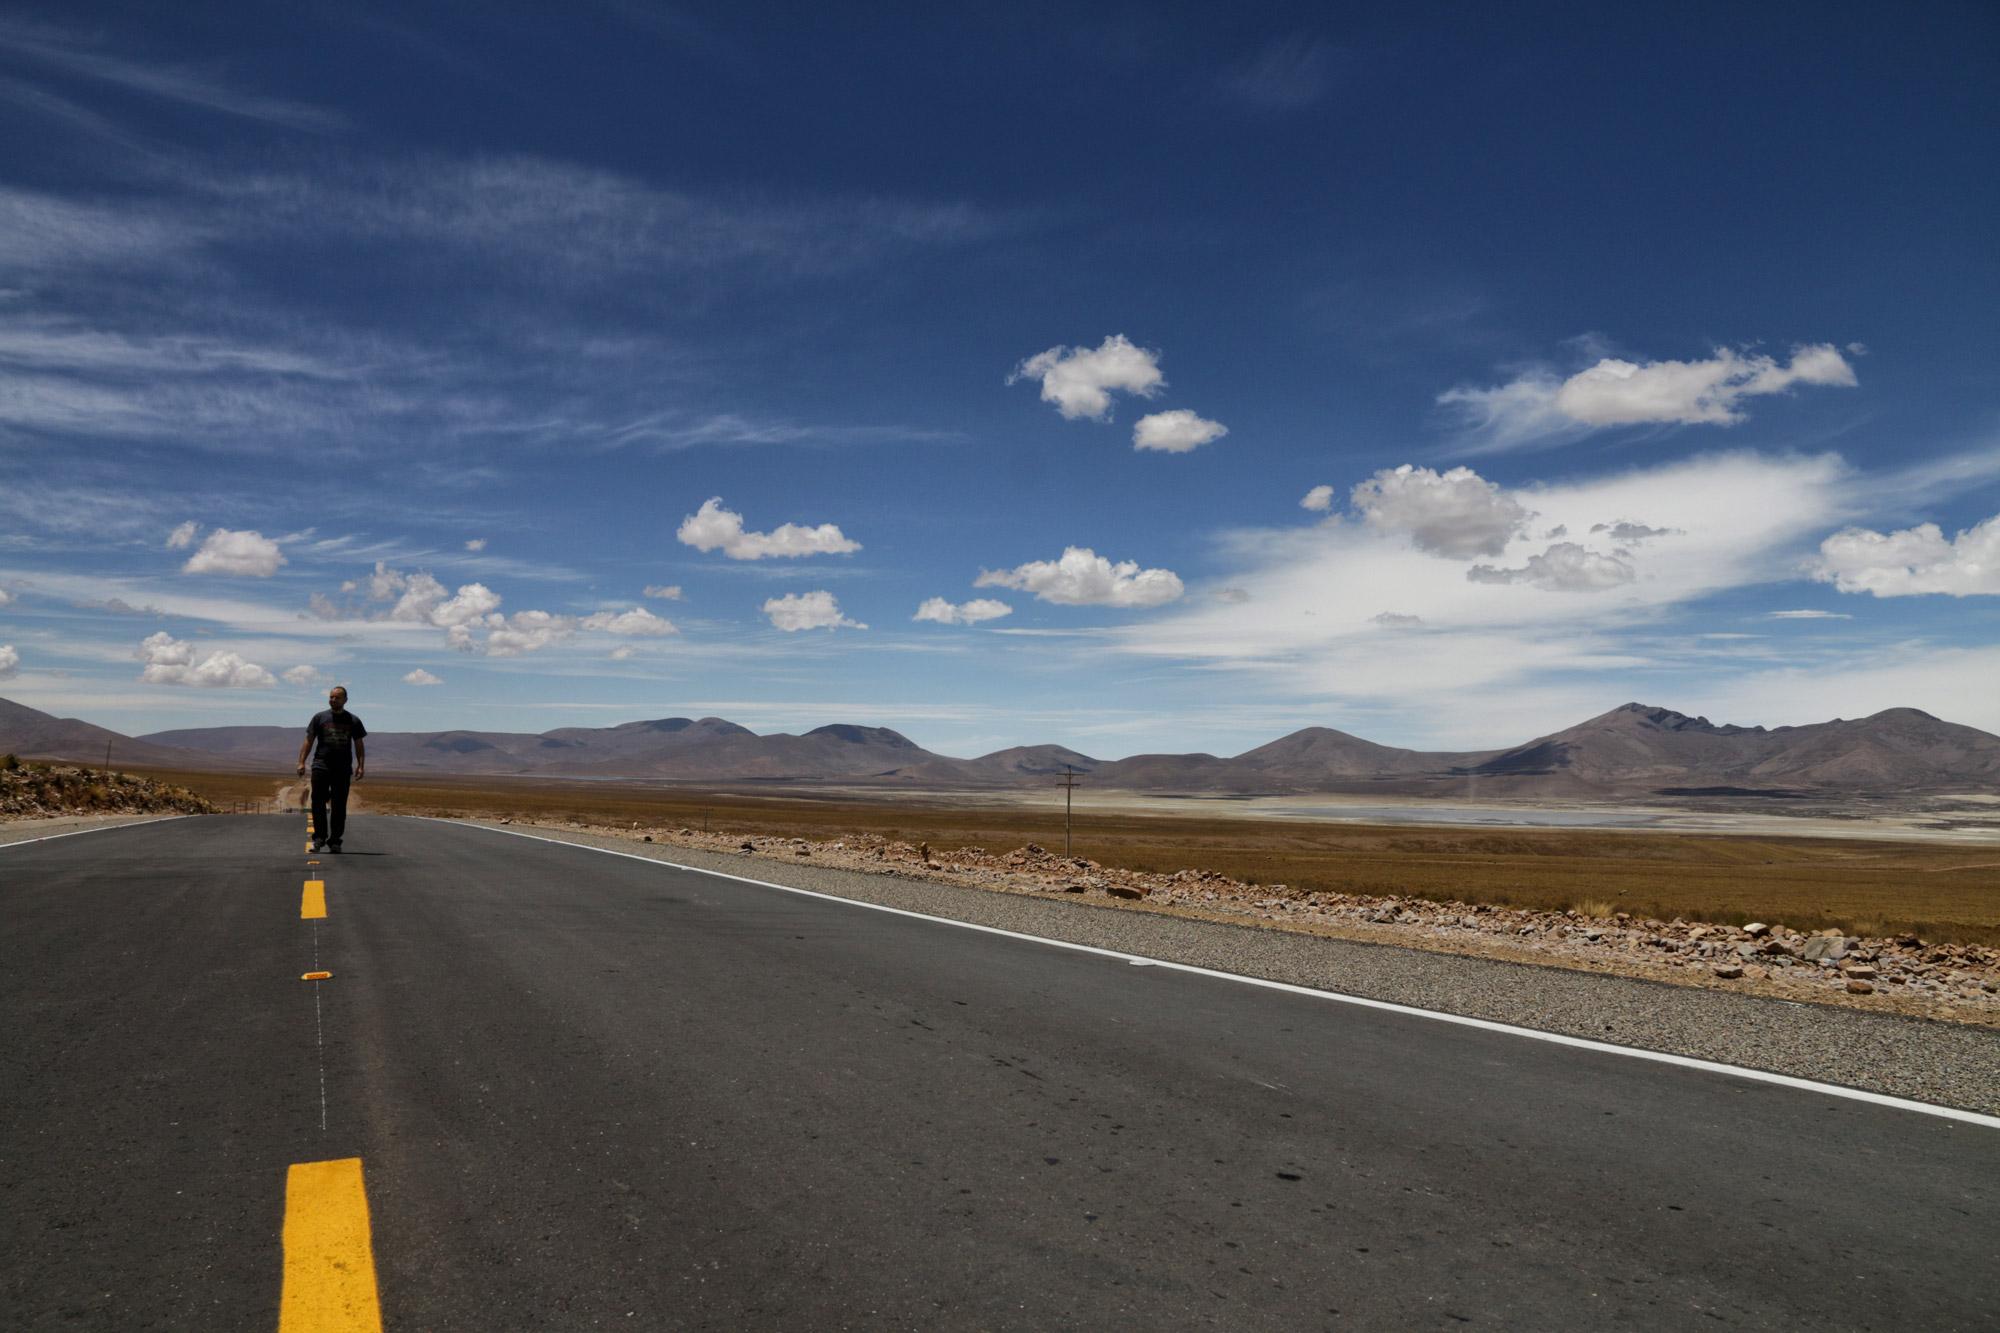 Danny van der Meijden - Bolivia